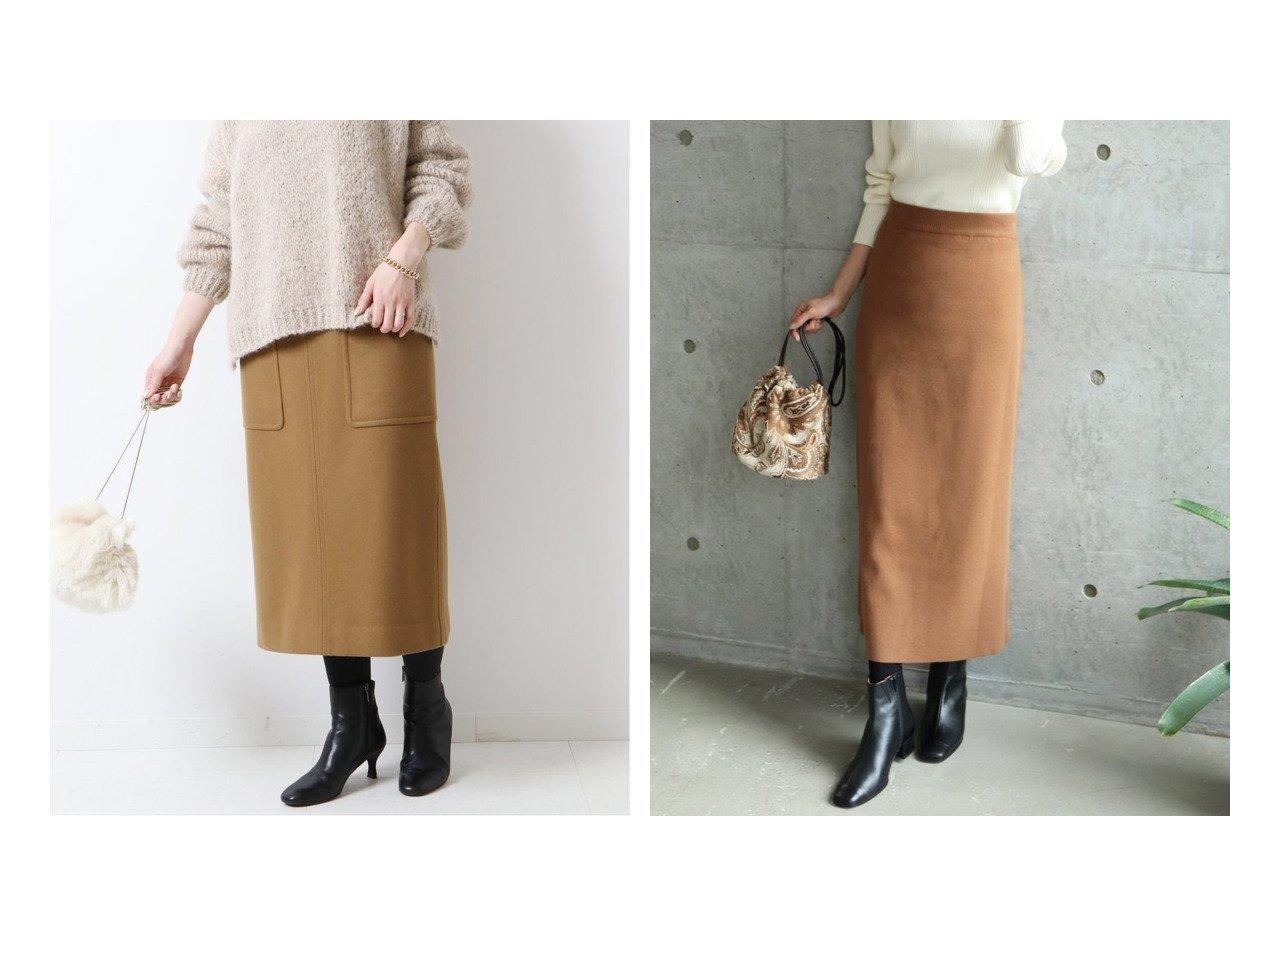 【le.coeur blanc/ルクールブラン】のストレッチヤーンニットタイトスカート&【Spick & Span/スピック&スパン】のビーバーメルトンタイトスカート スカートのおすすめ!人気、レディースファッションの通販  おすすめで人気のファッション通販商品 インテリア・家具・キッズファッション・メンズファッション・レディースファッション・服の通販 founy(ファニー) https://founy.com/ ファッション Fashion レディース WOMEN スカート Skirt なめらか メルトン 定番 ストレッチ スリット タイトスカート |ID:crp329100000004044